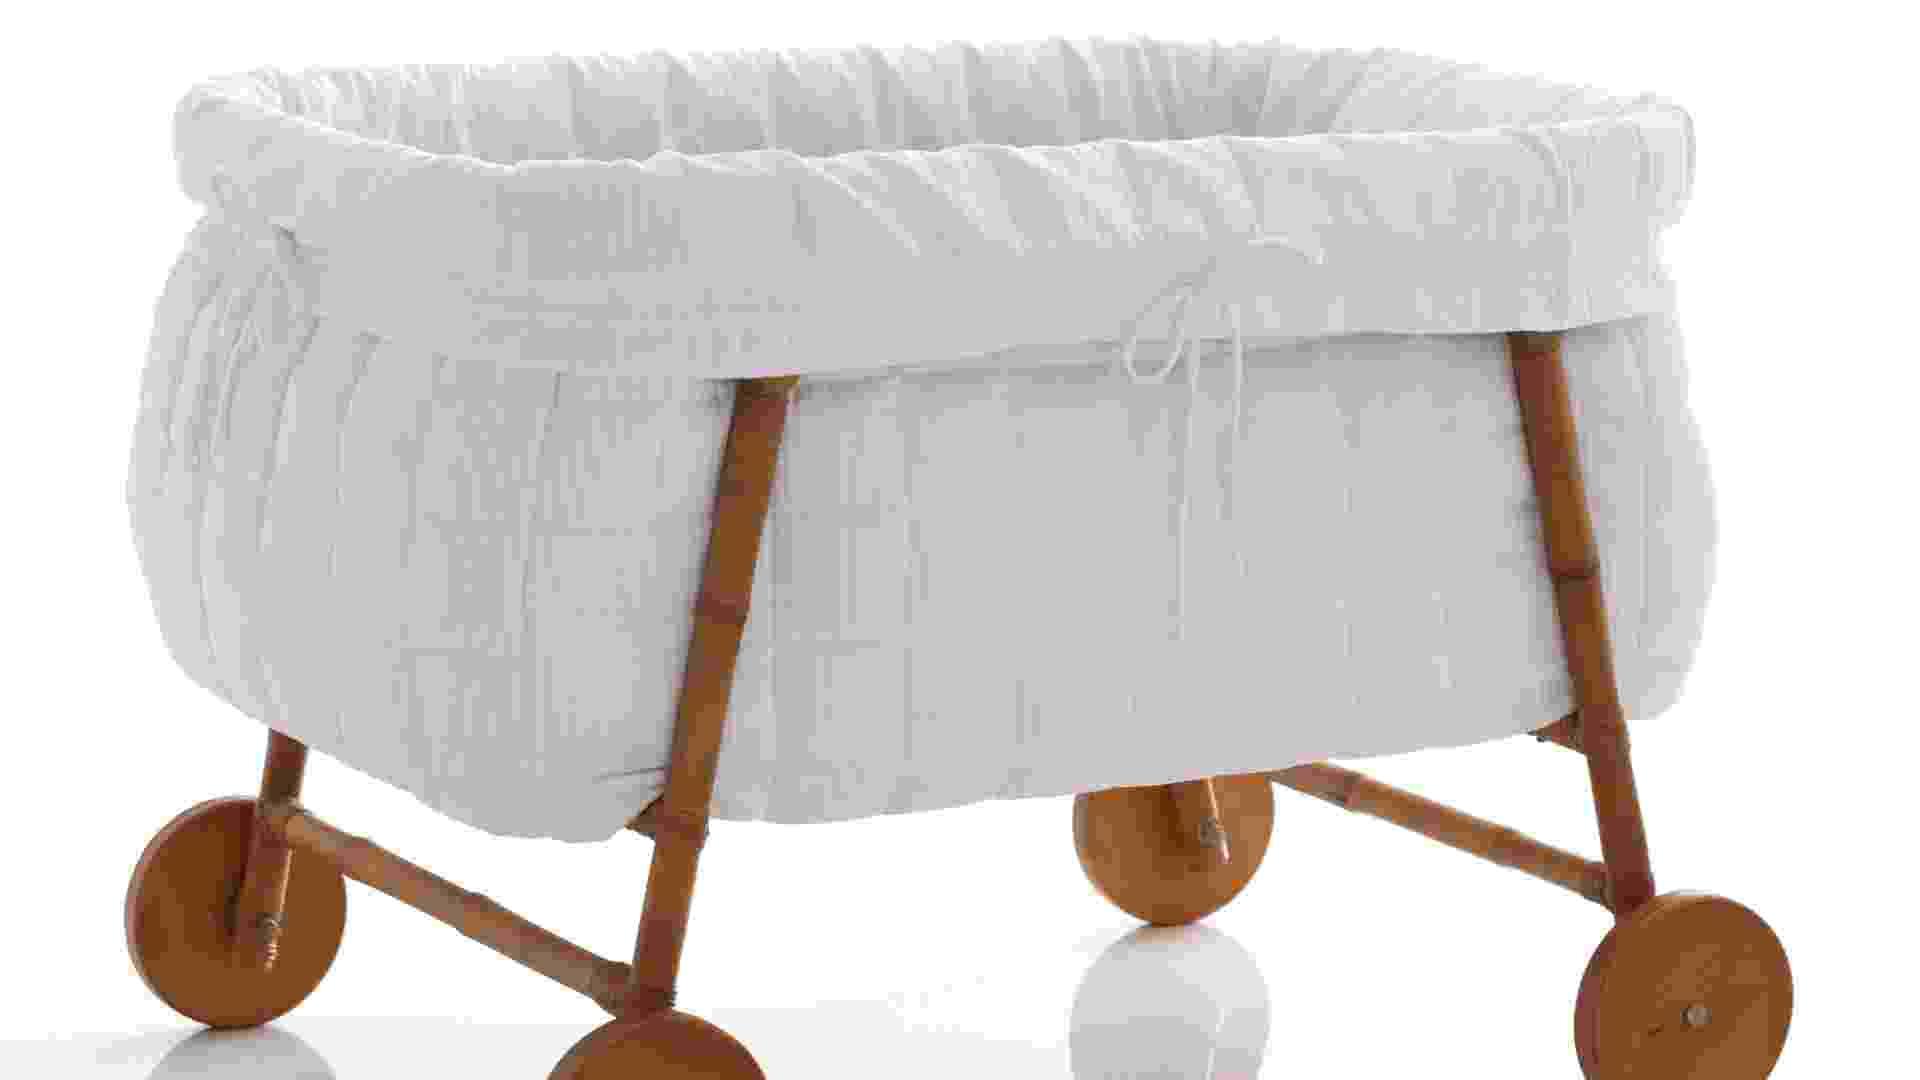 Berço Bambu para recém-nascido - Divulgação